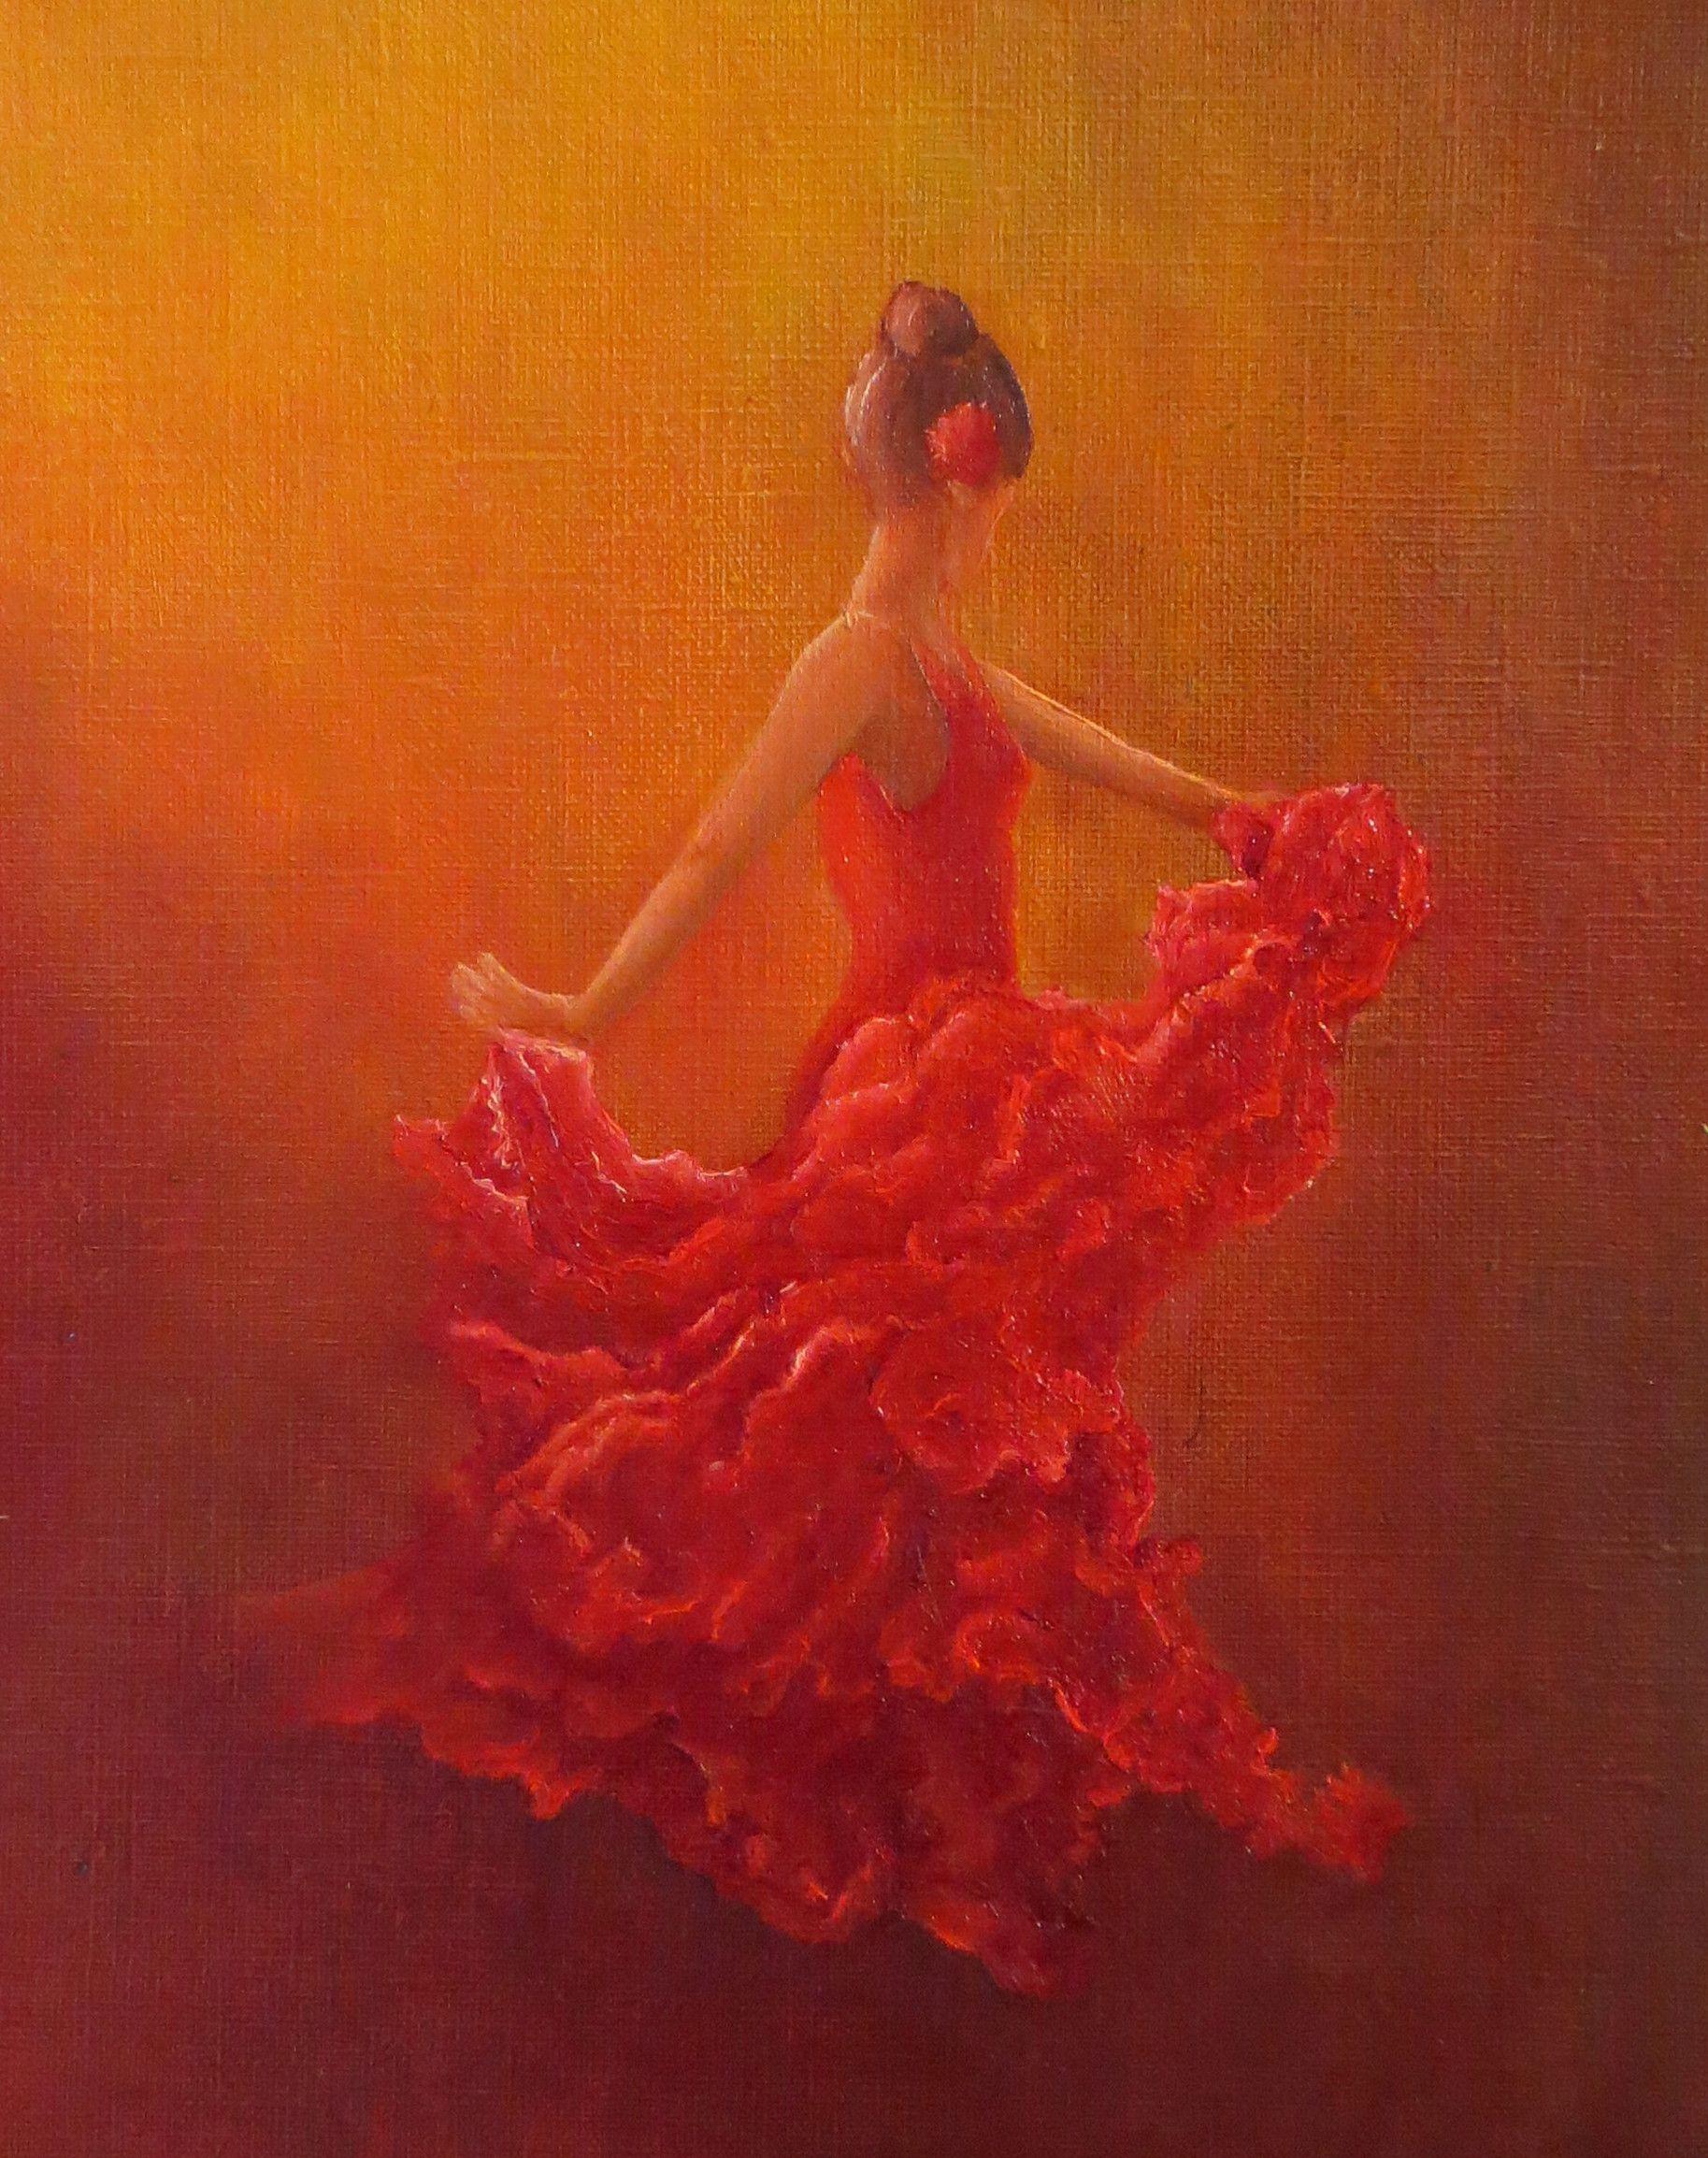 la danseuse de flamenco huile par ana s verderi danseuse de pinterest danseurs de. Black Bedroom Furniture Sets. Home Design Ideas